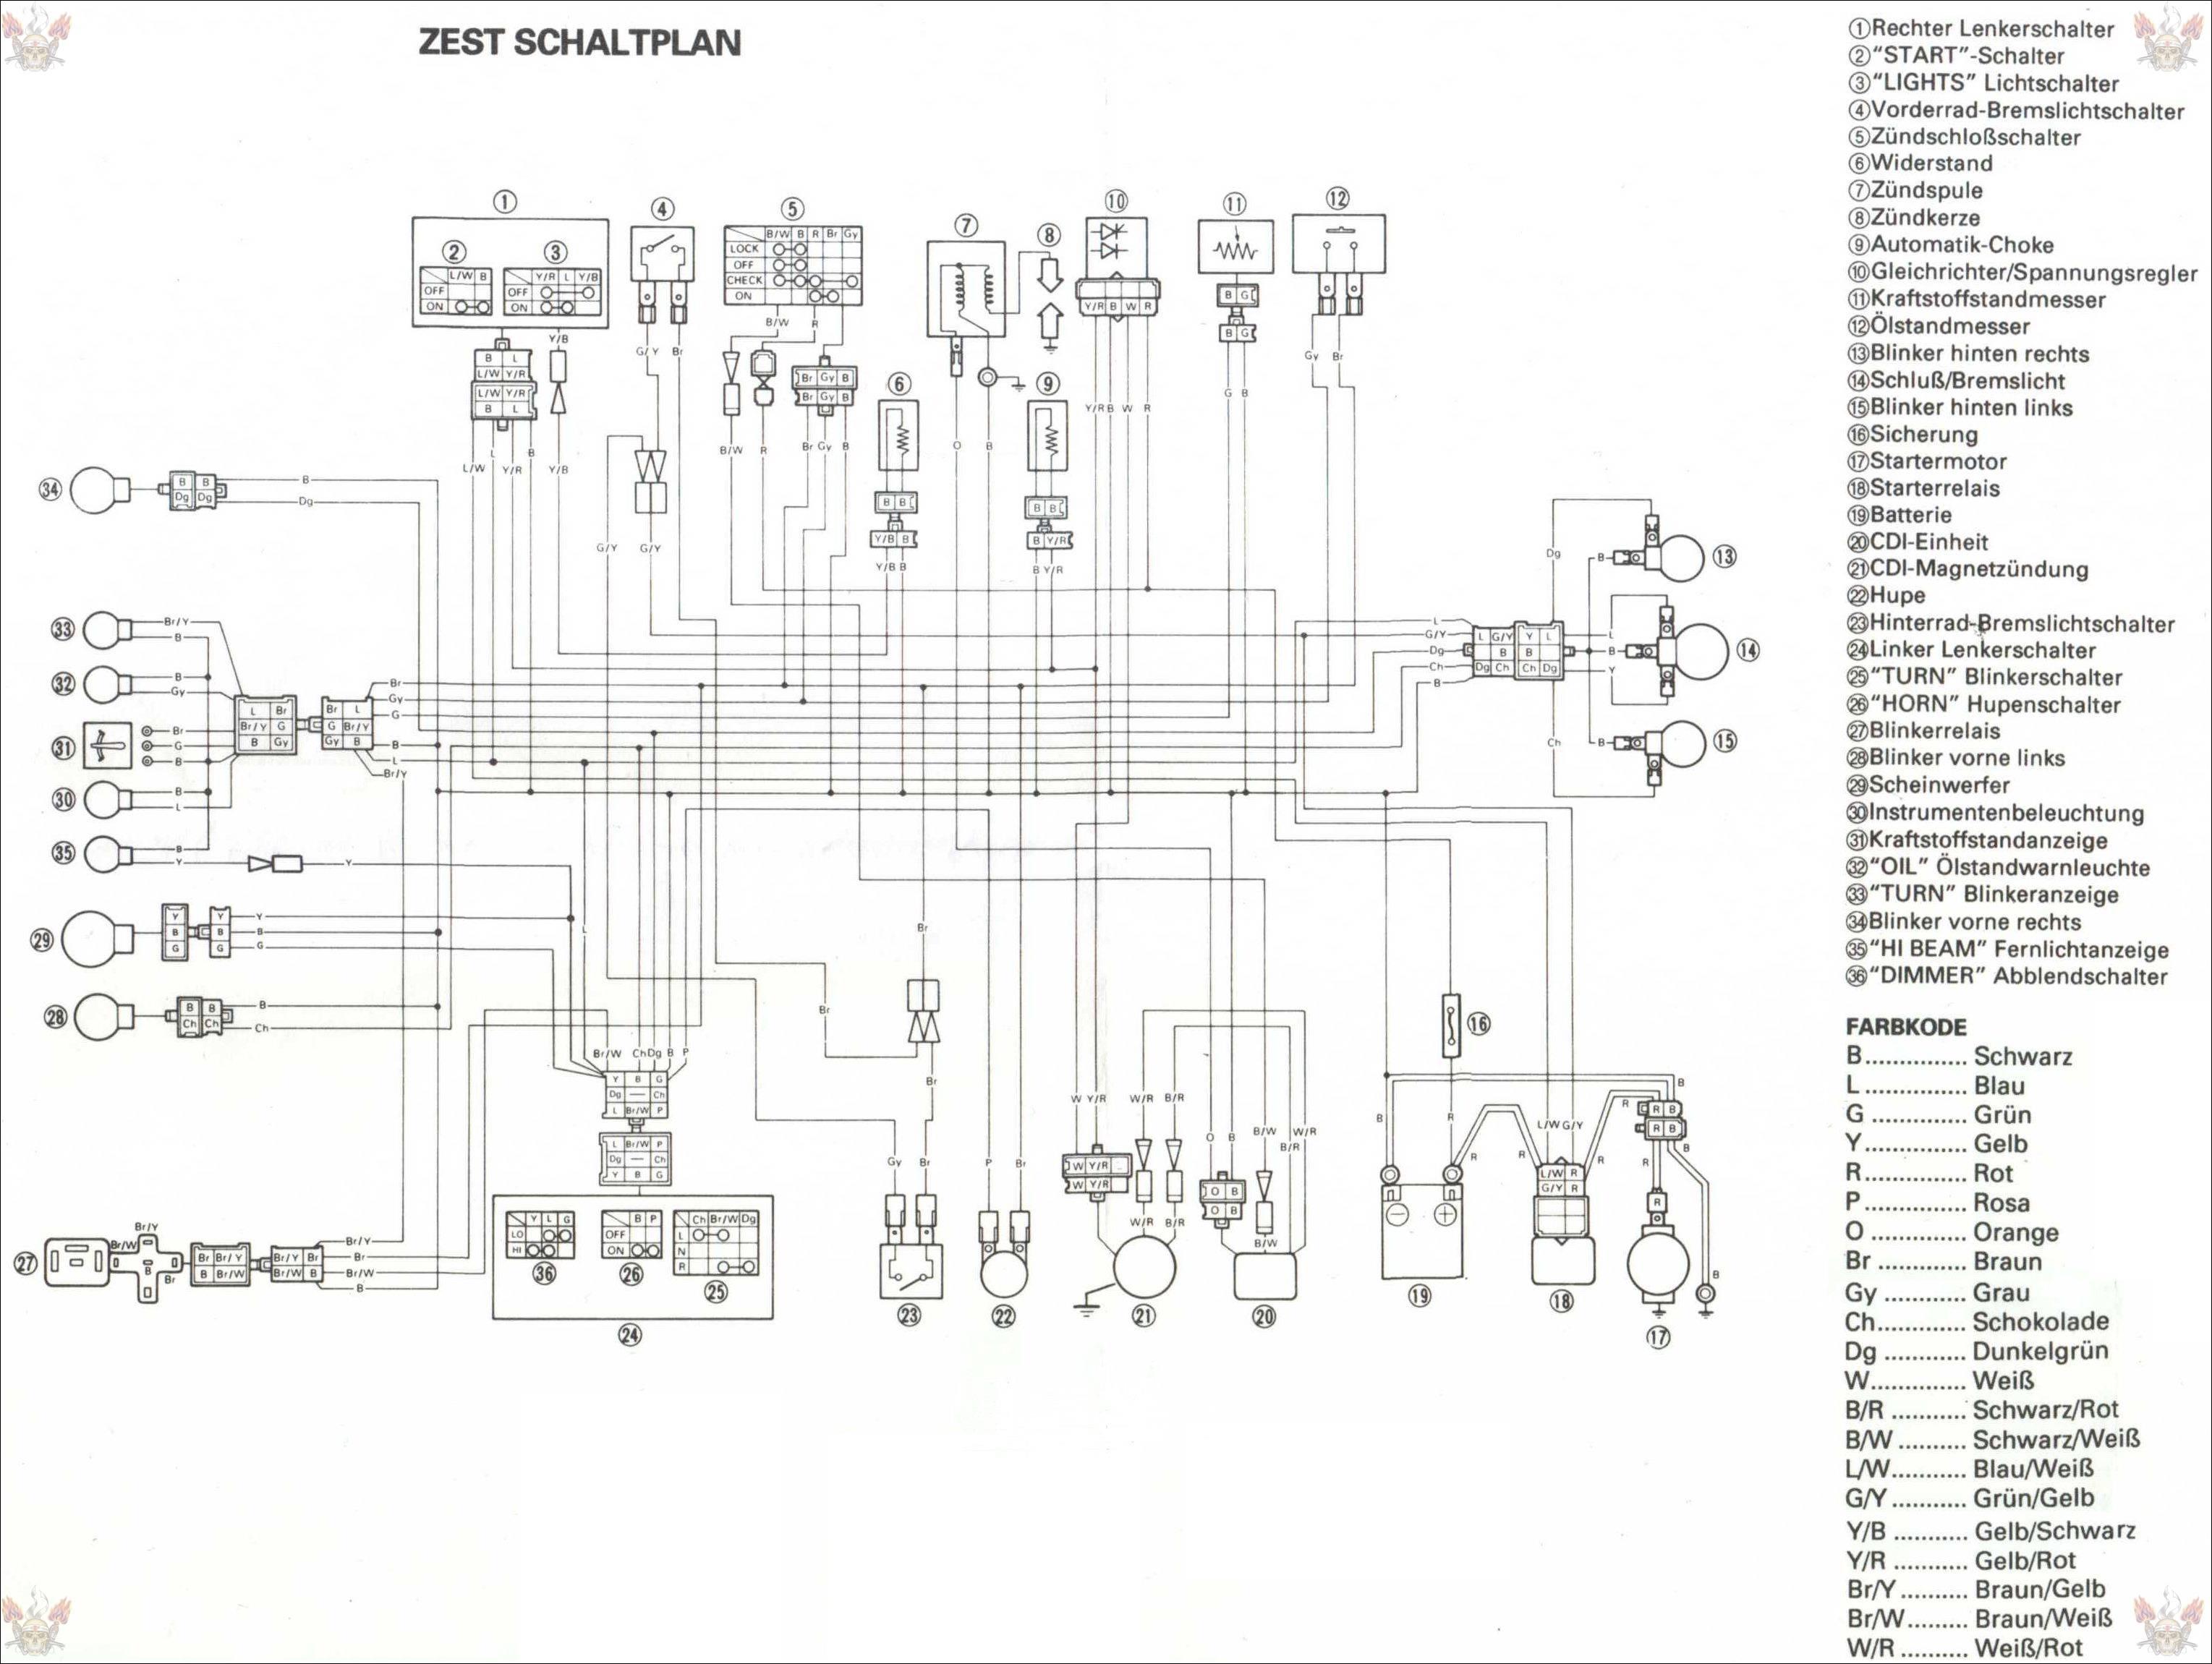 Схема электрооборудования скутеров Yamaha Zest 50